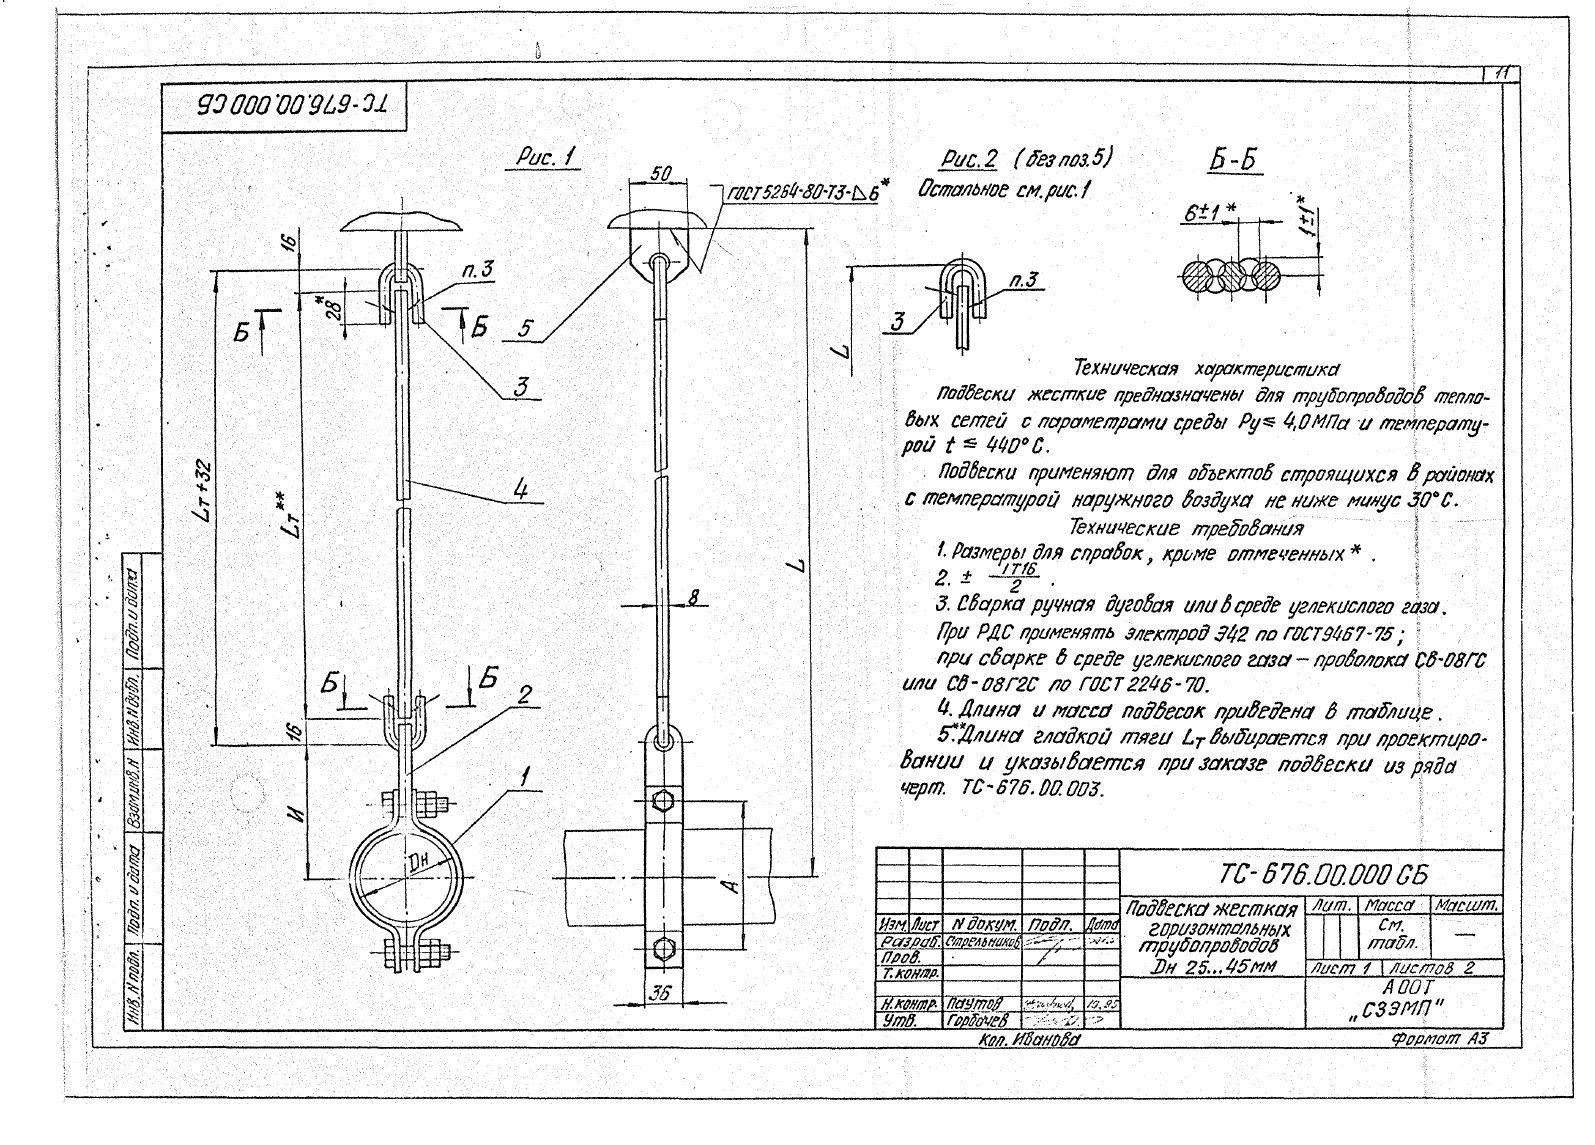 Подвески жесткие Дн 25-45 ТС-676 с.5.903-13 вып.6-95 стр.1